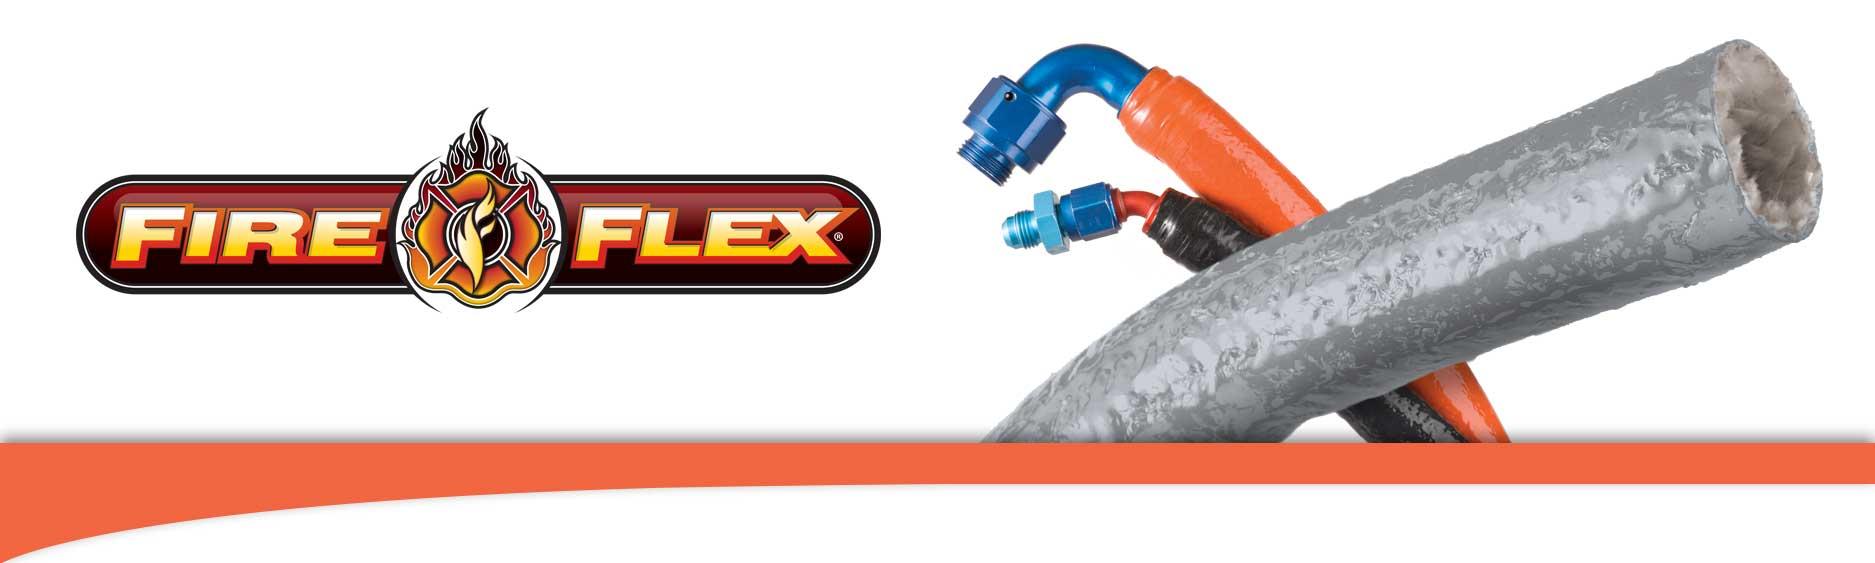 FireFlex Banner